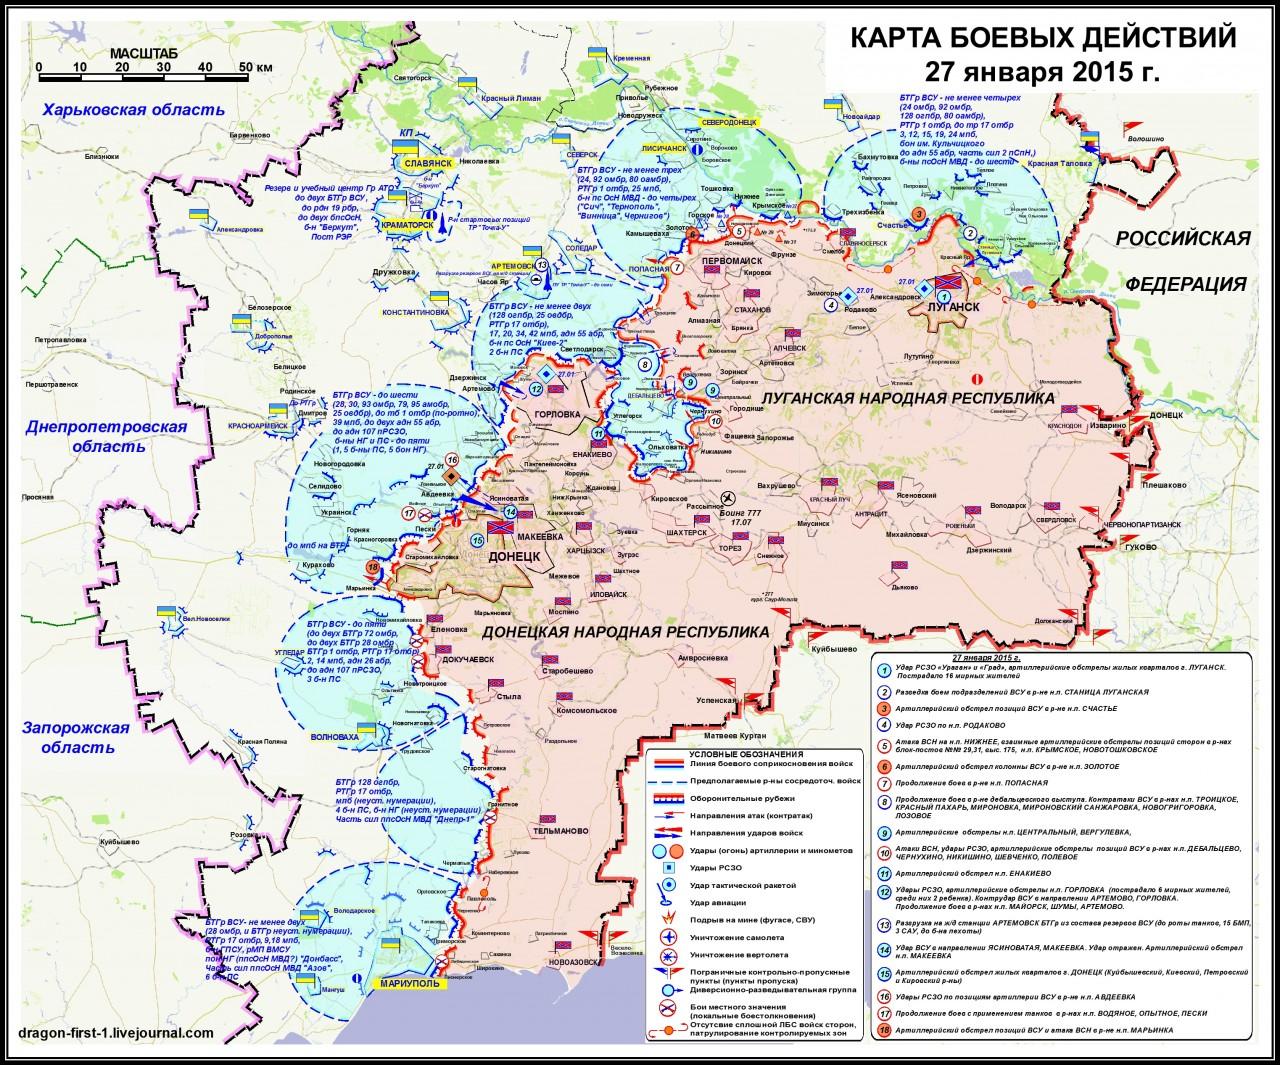 Карта боевых действий в Новороссии за 27 января (автор dragon-first-1).